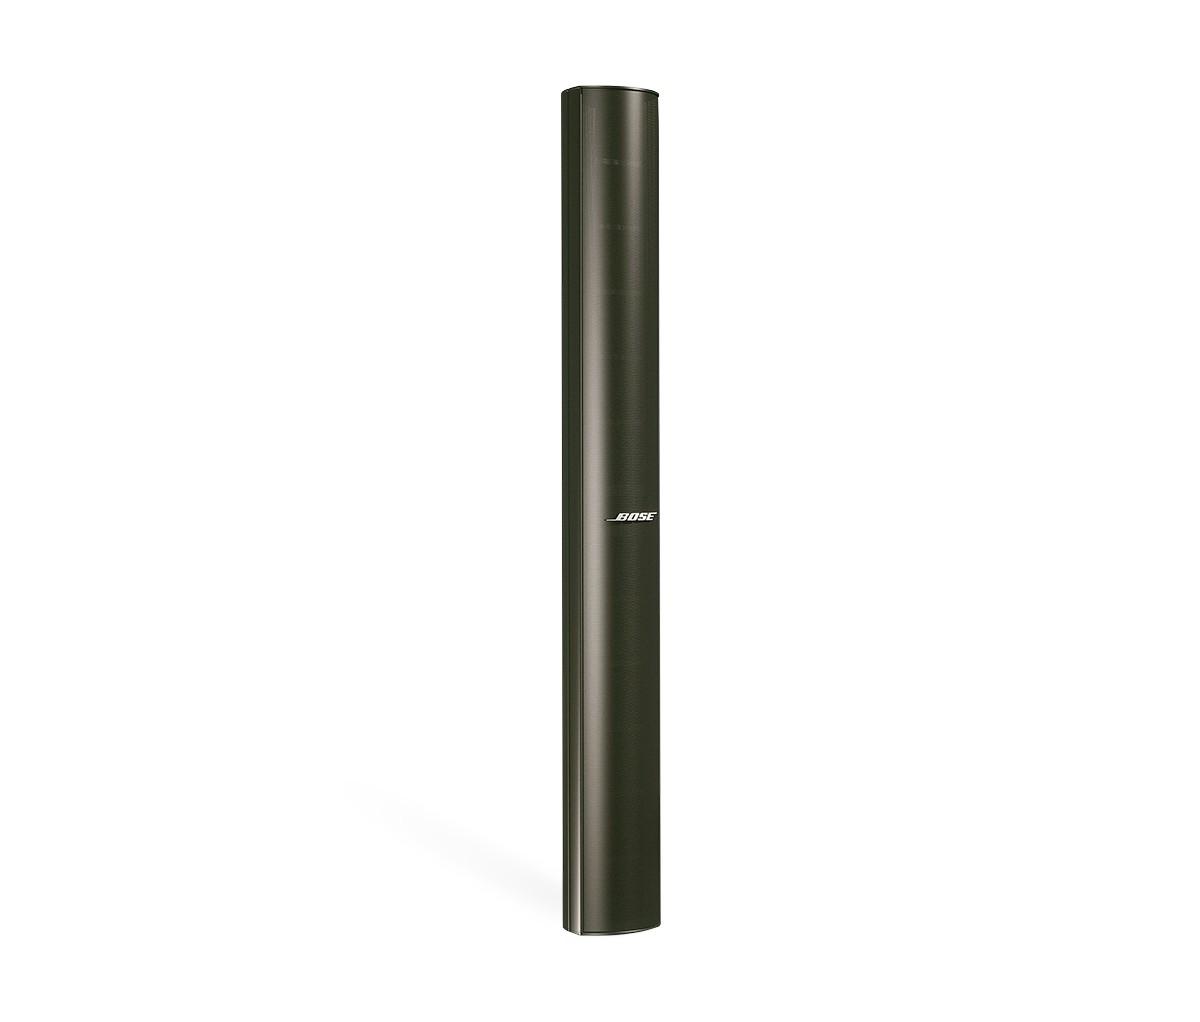 Loudspeakers | Bose Professional